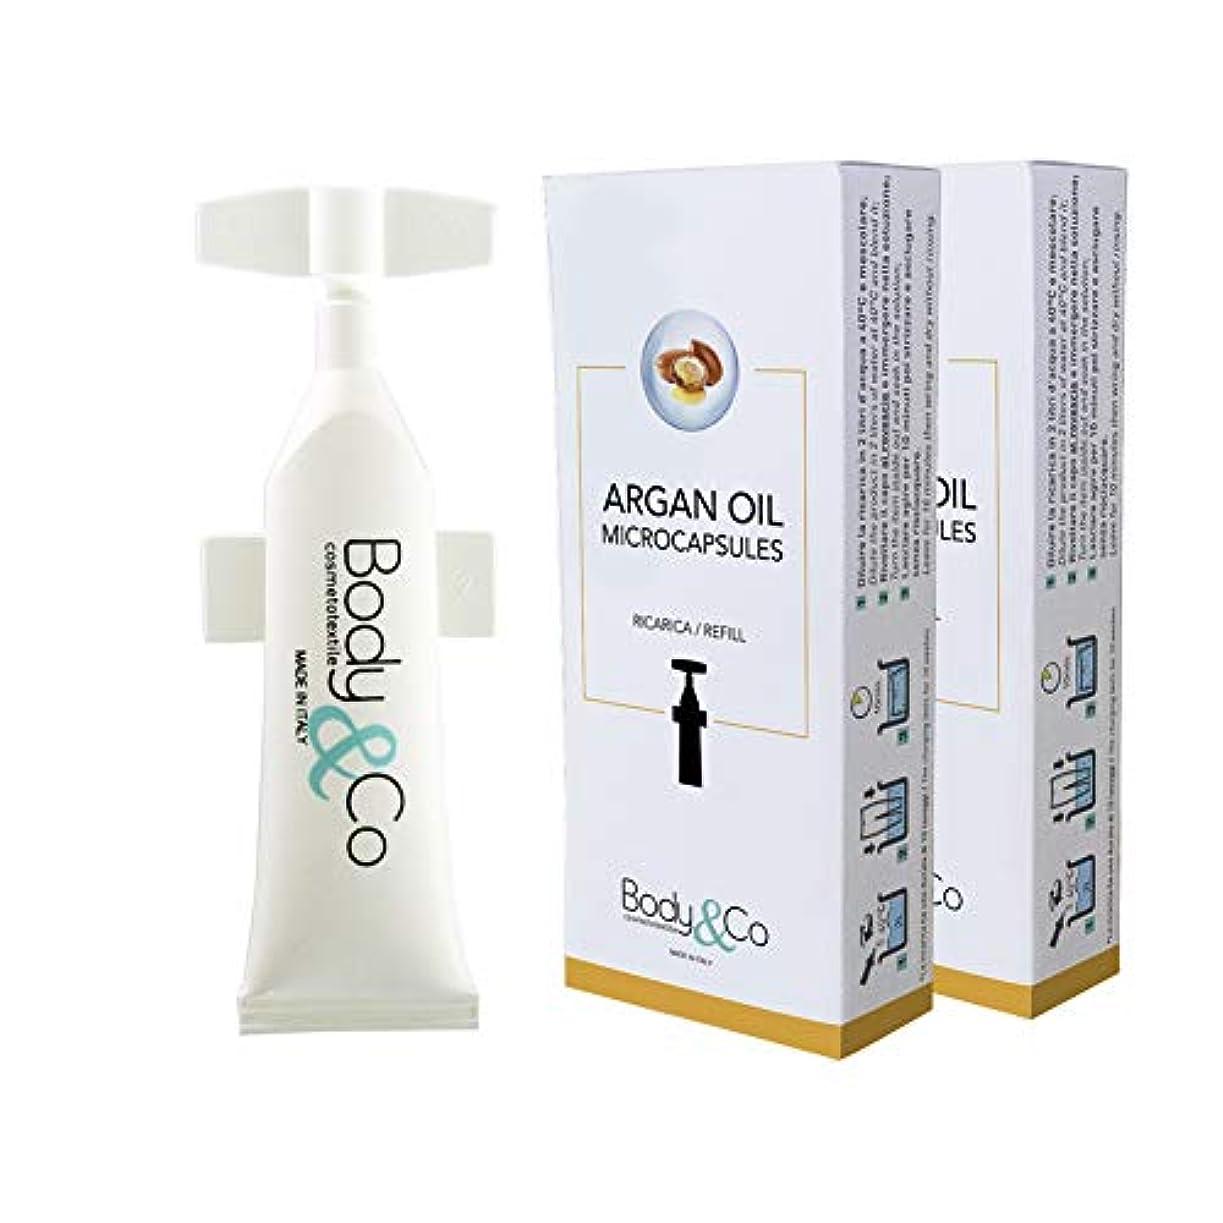 アノイ音楽家退化するBody&Co Cosmetc Refill 10 ml Argan Oil (ARGAN OIL 10 ML, 2 REFILLS 10 ML)